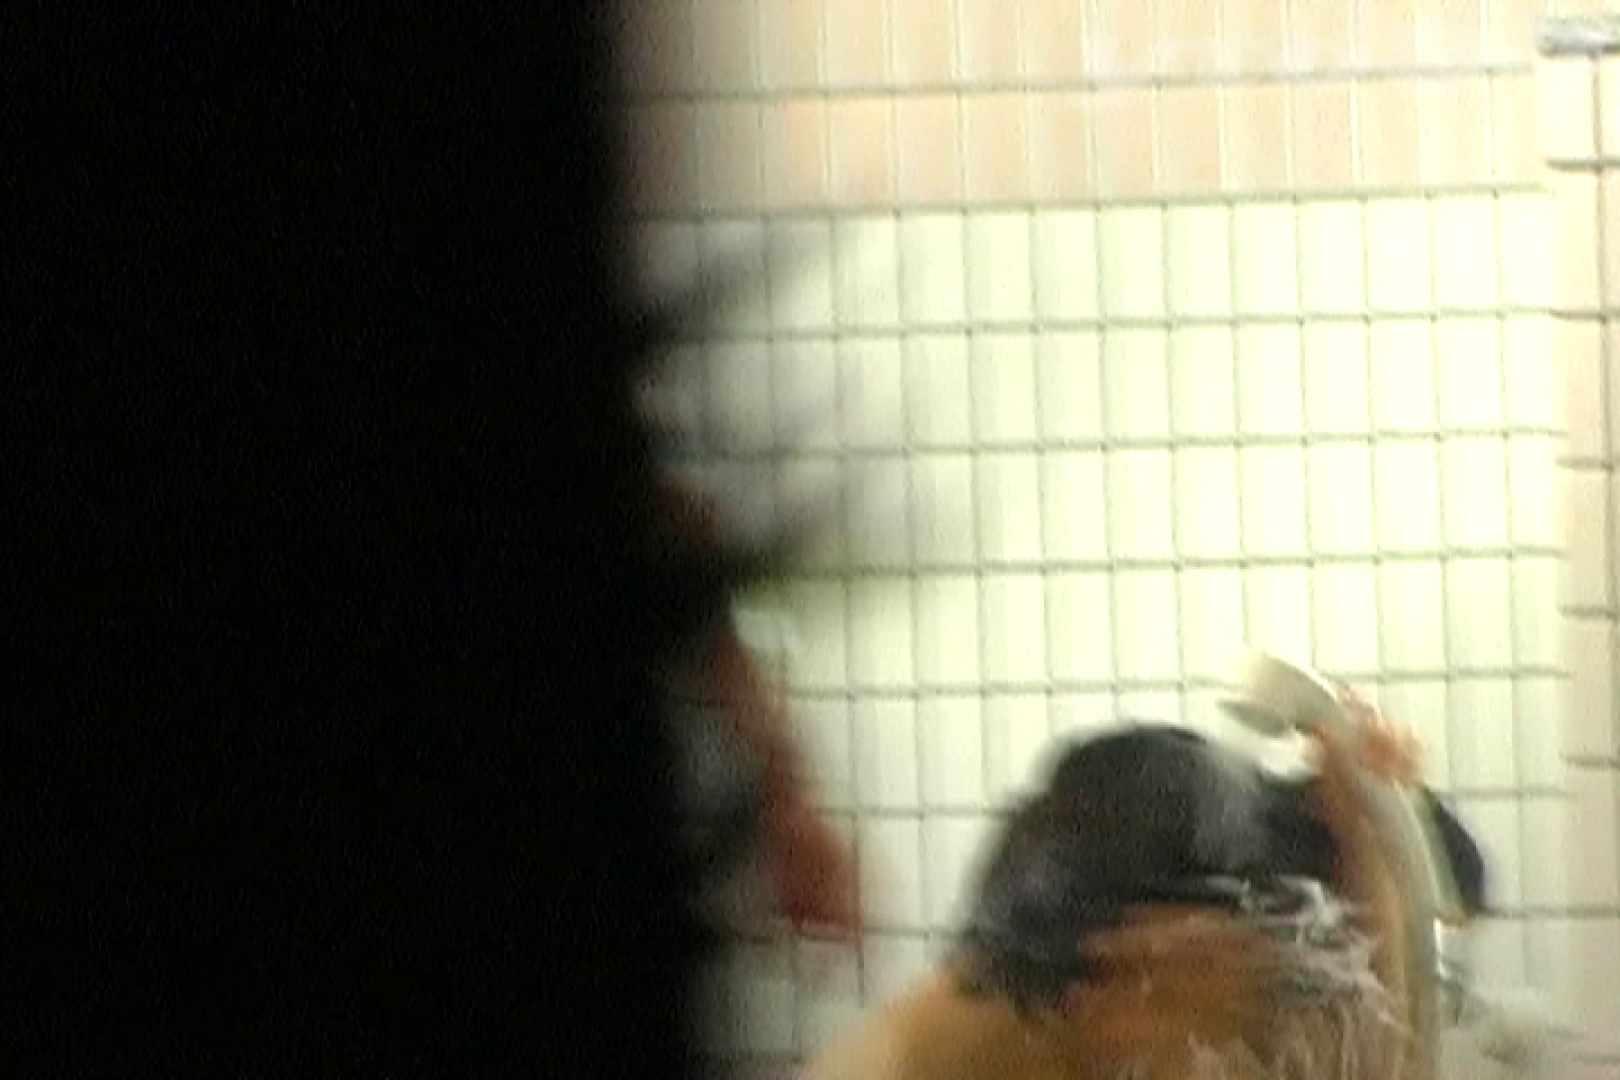 ▲復活限定▲合宿ホテル女風呂盗撮 Vol.26 盗撮エロすぎ   名作  85連発 52